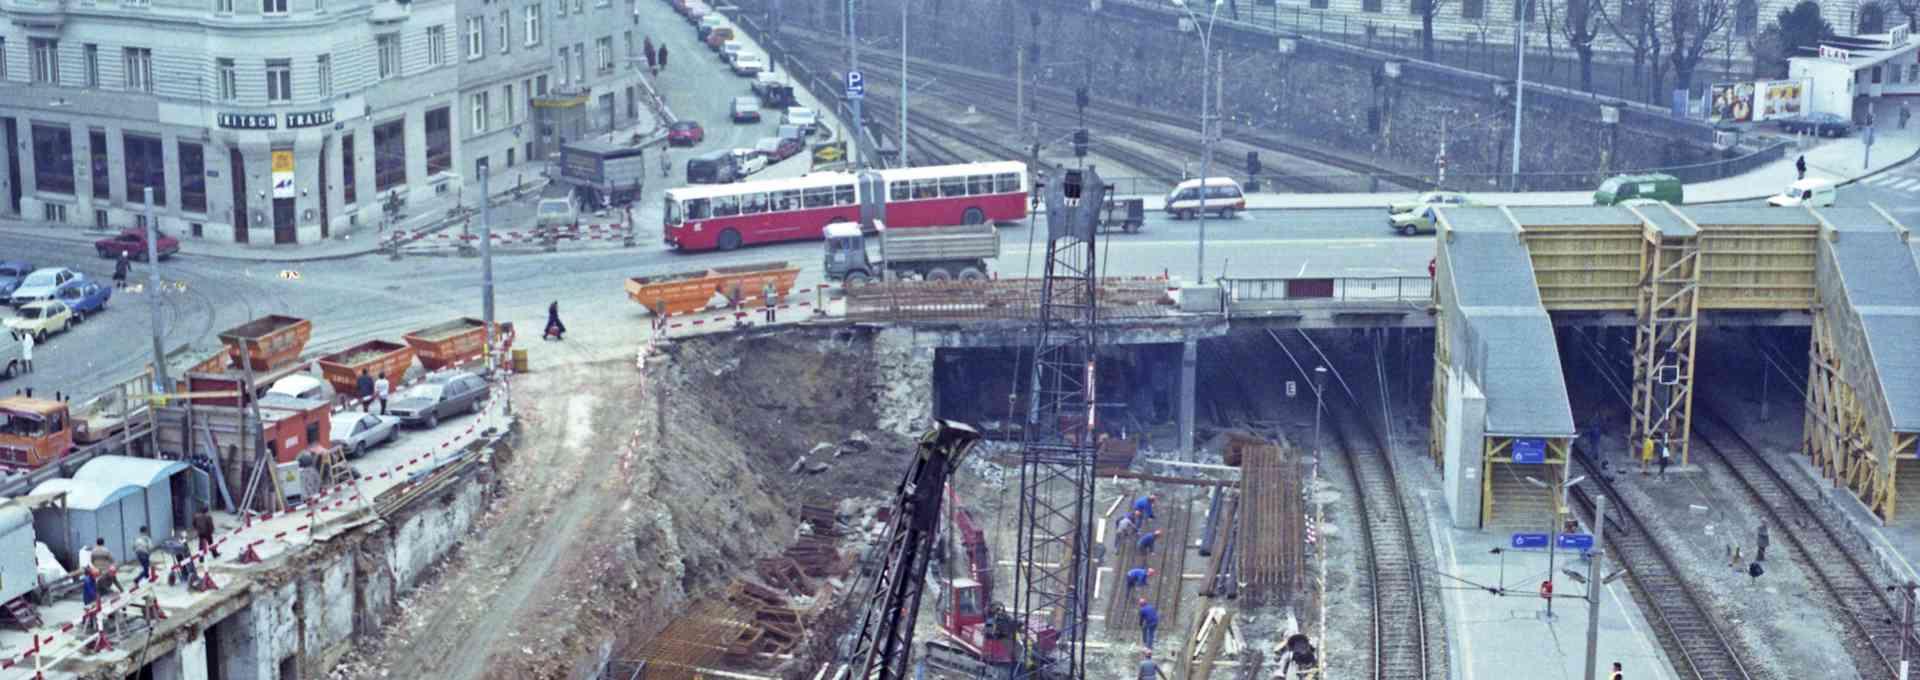 Wien ohne U-Bahn ist heute nicht mehr vorstellbar.